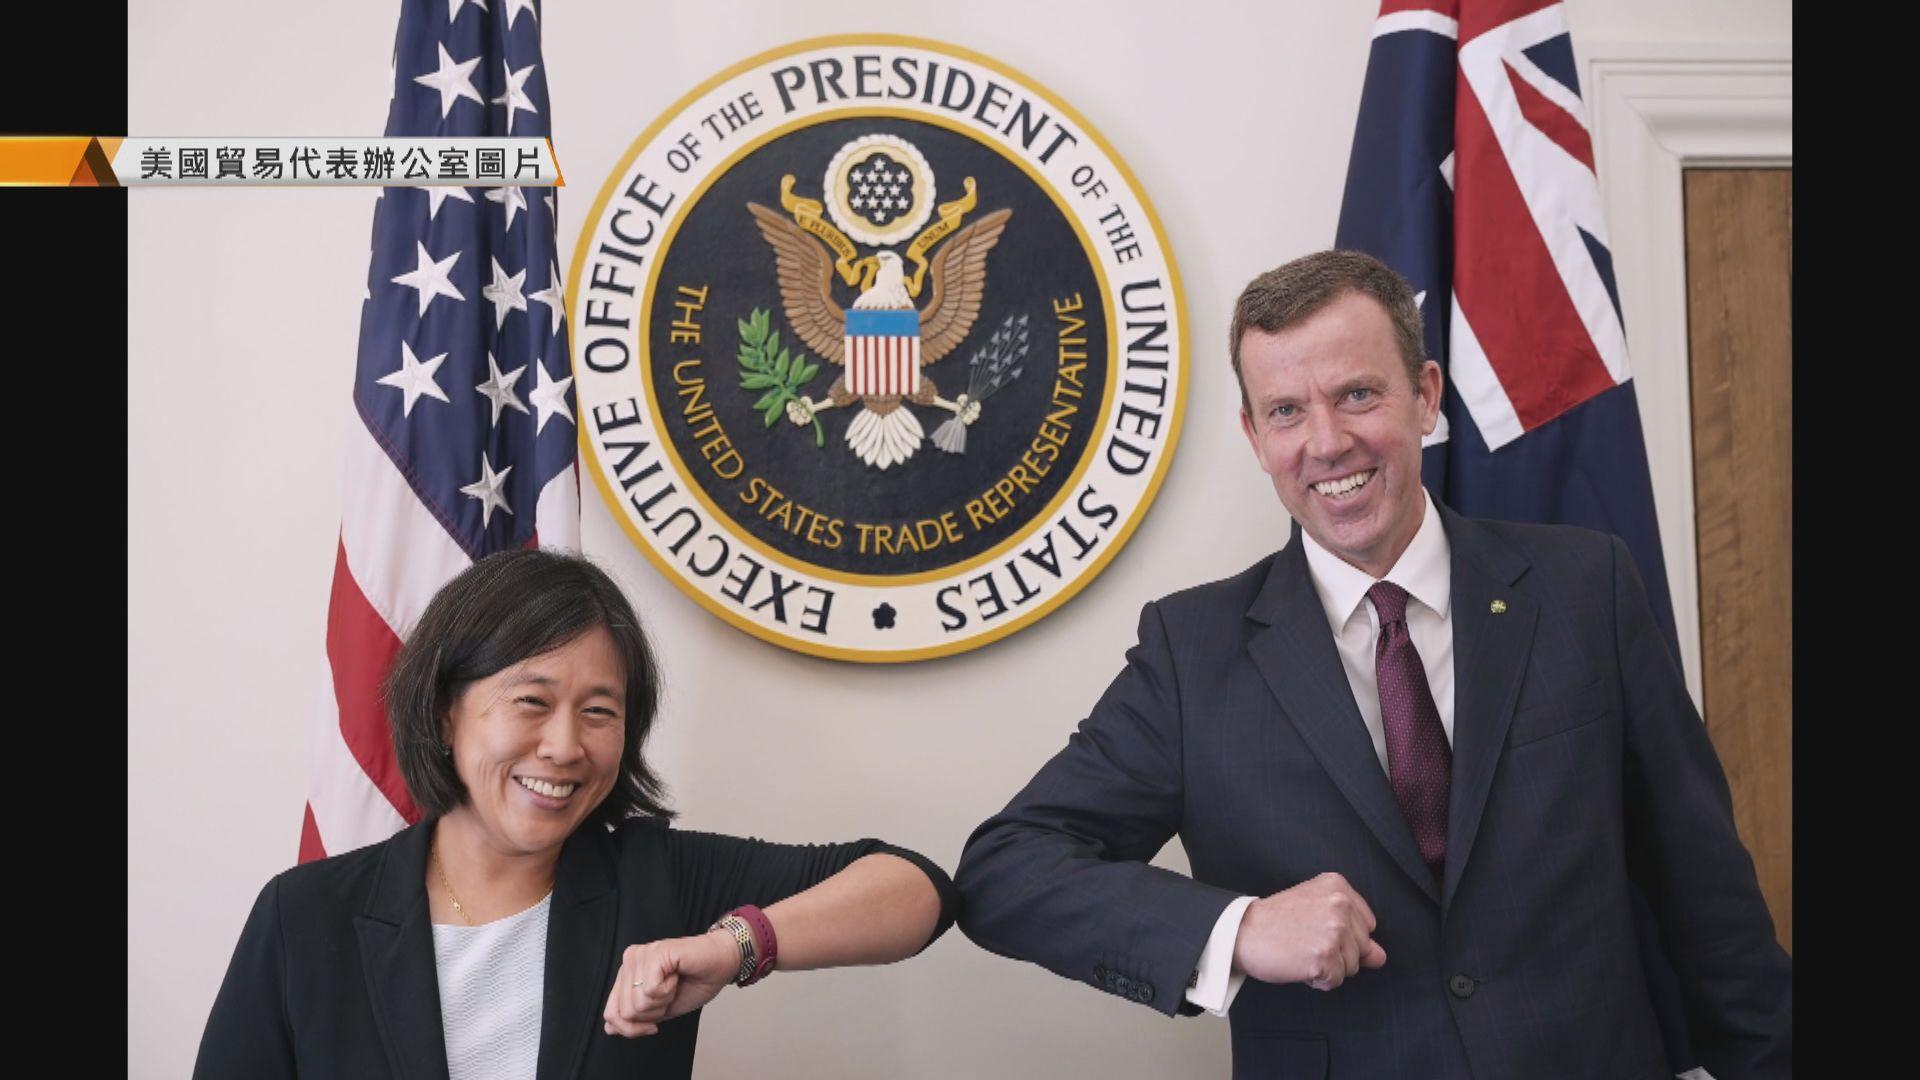 美國貿易代表:美國支持澳洲處理中國主導非市場行為